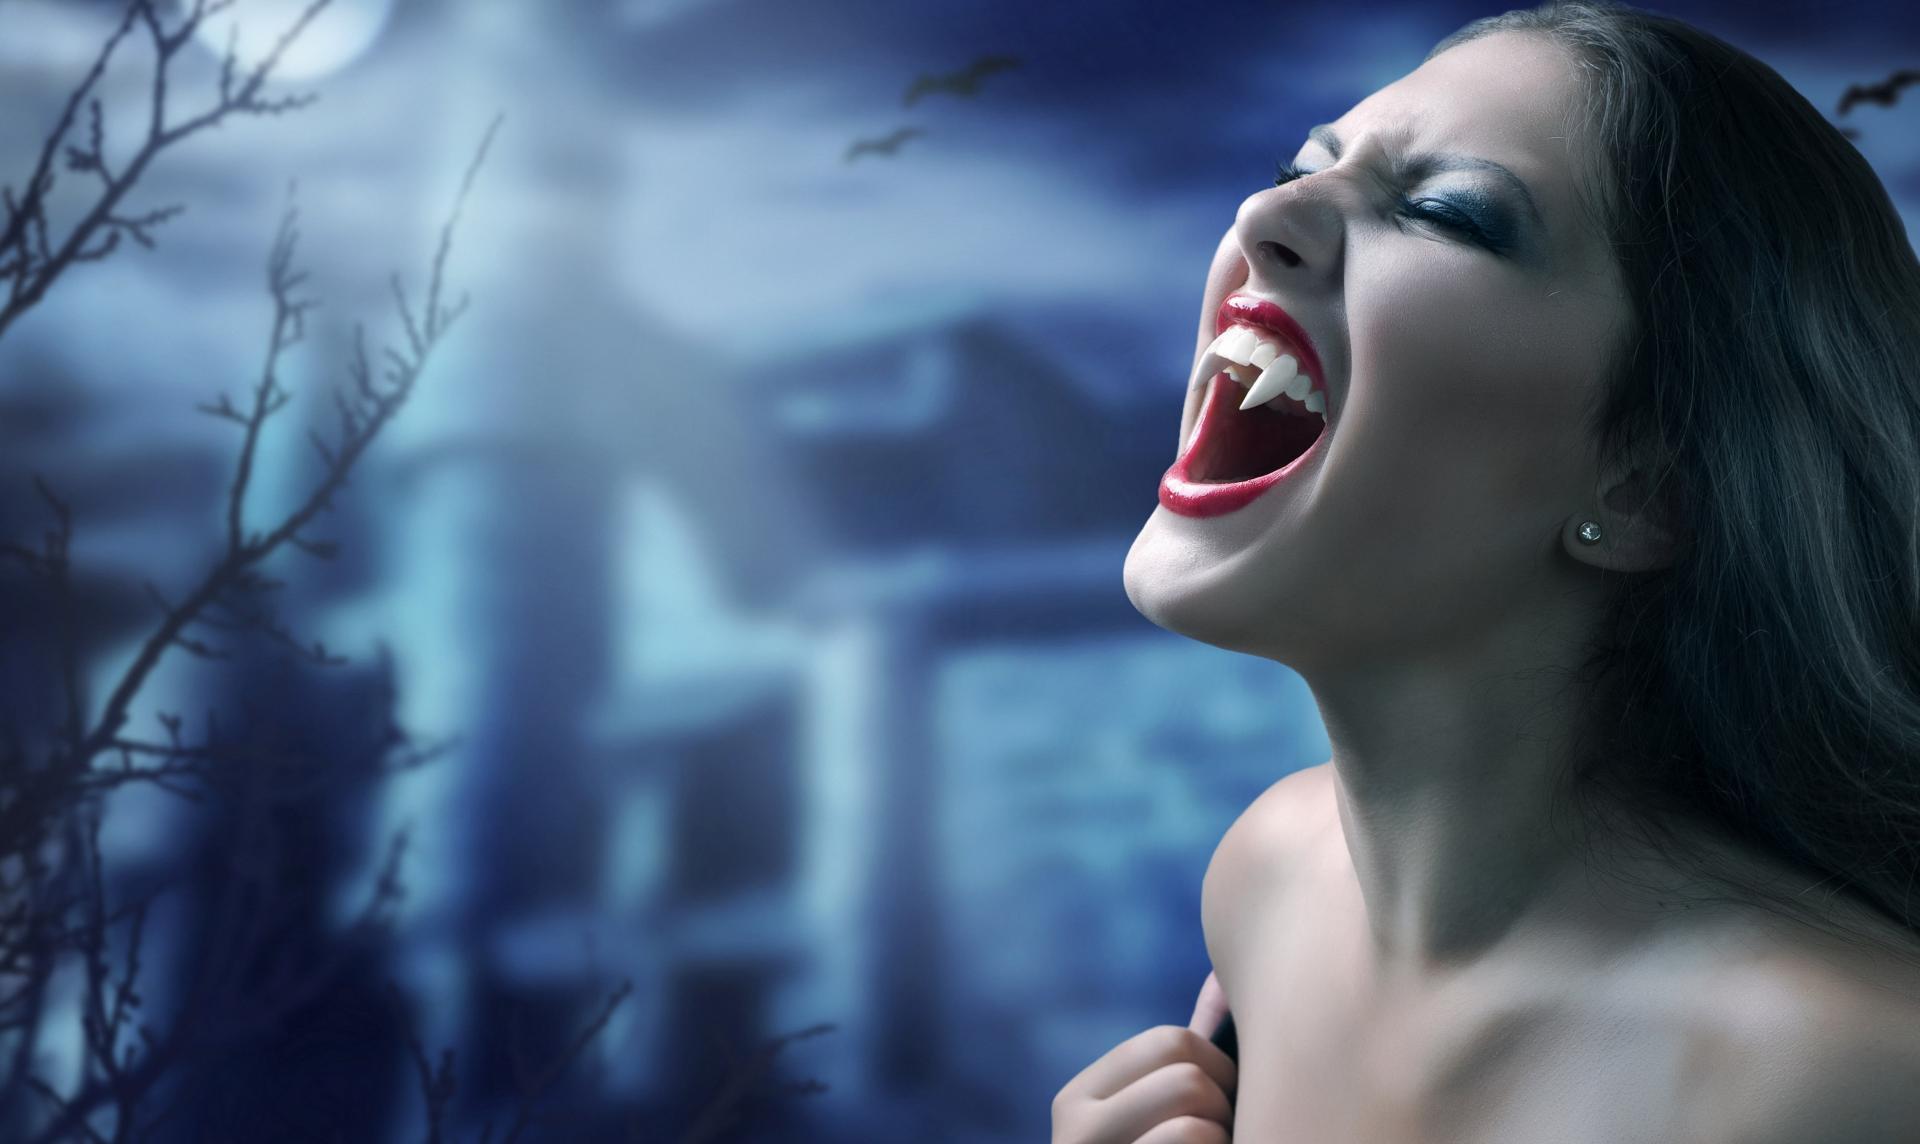 Приснилось что будет секс с вампиром